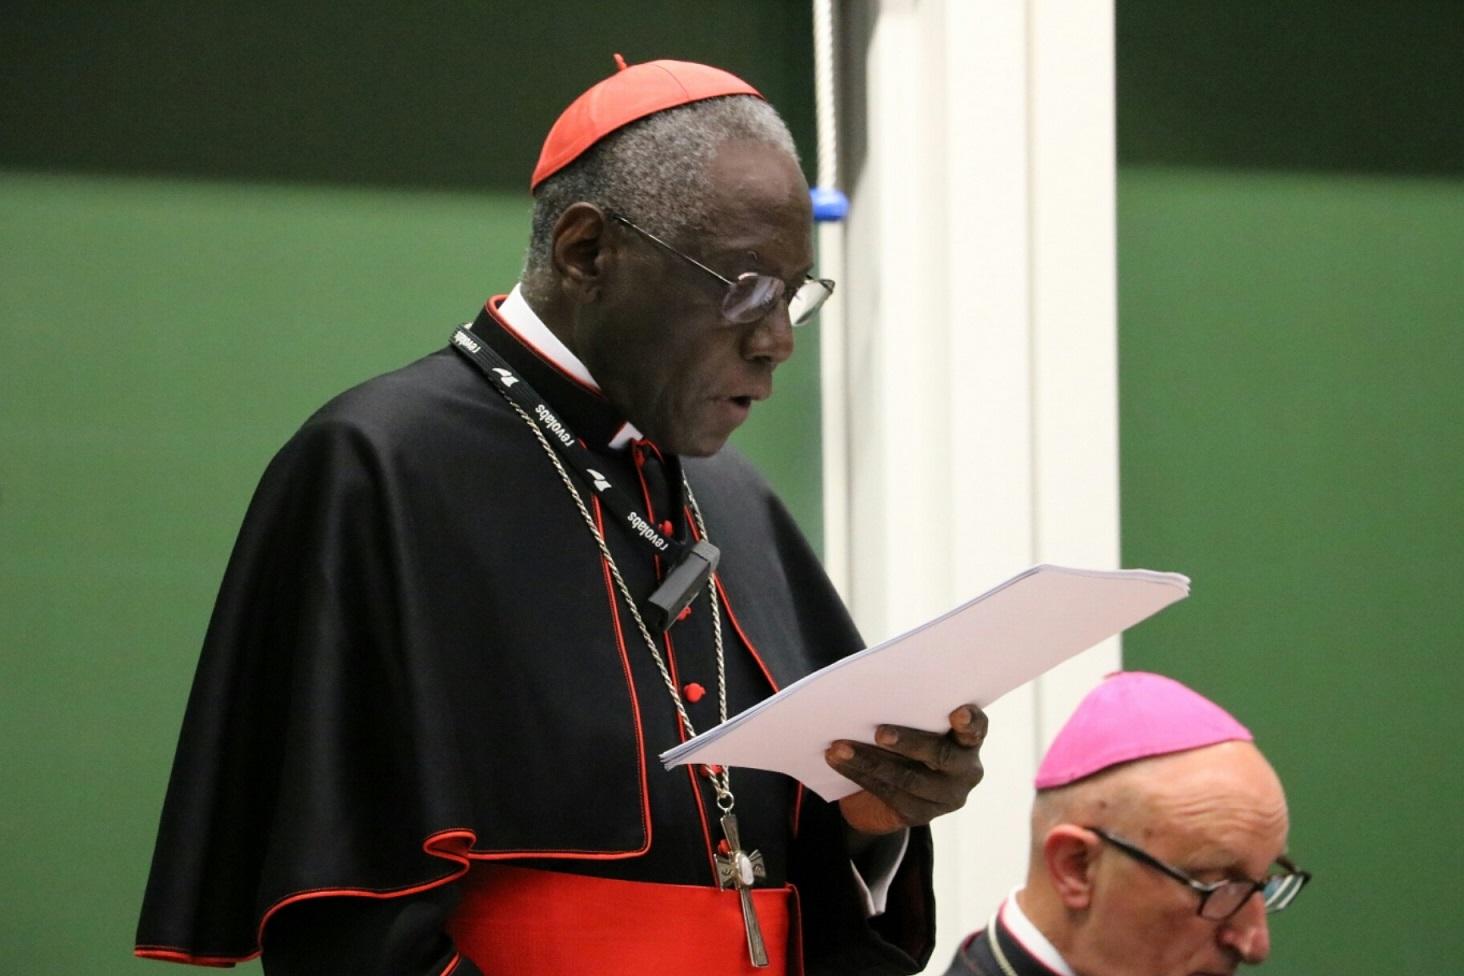 Папа — кардиналу Сара о переводе литургических текстов